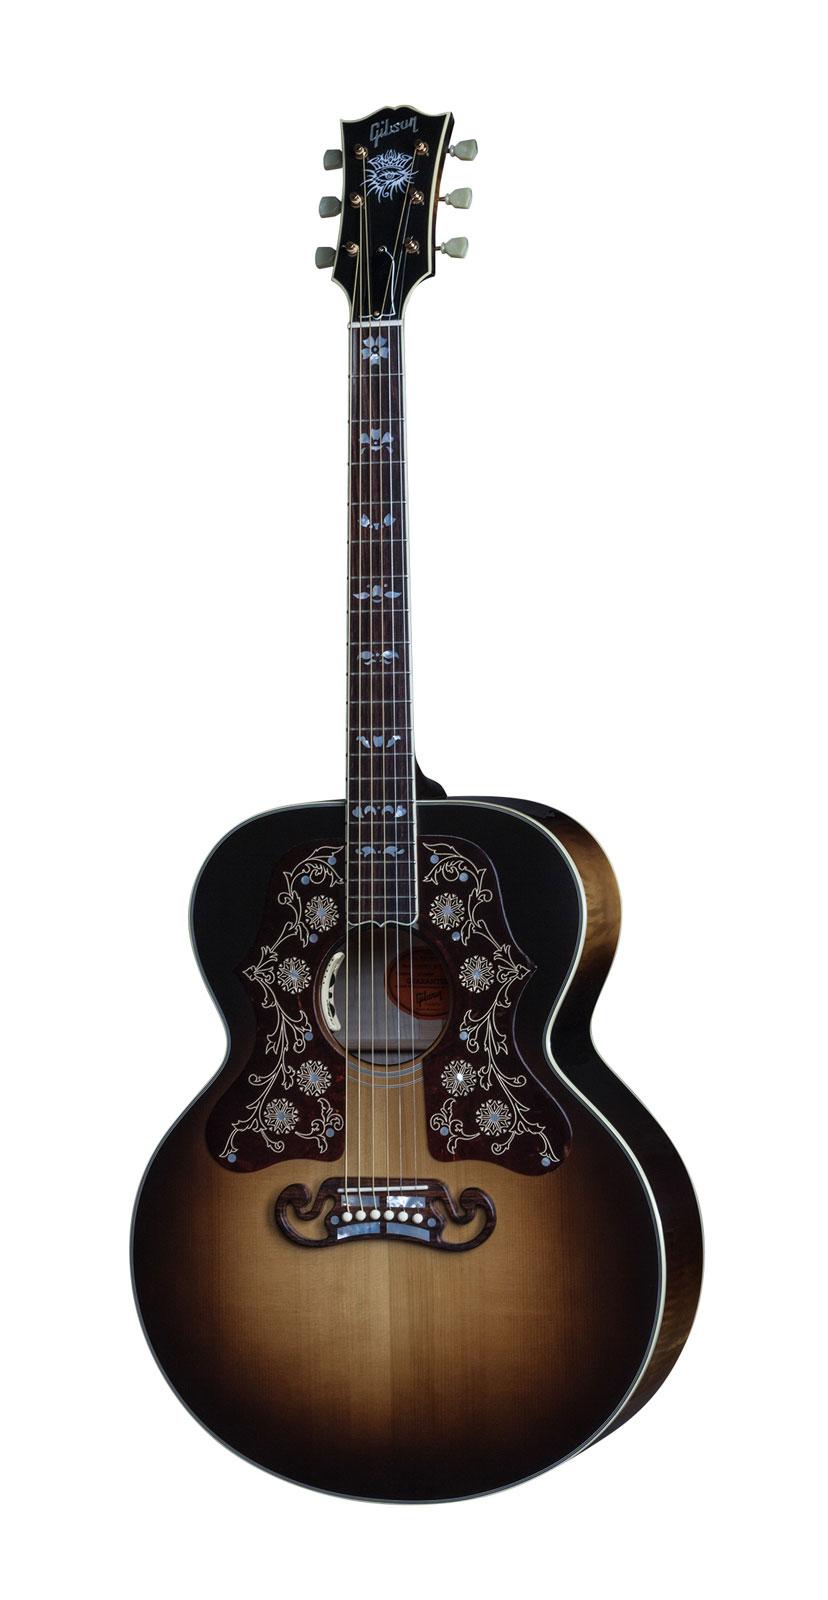 wwwguitareelectriquecom - guitares vintage ancienne